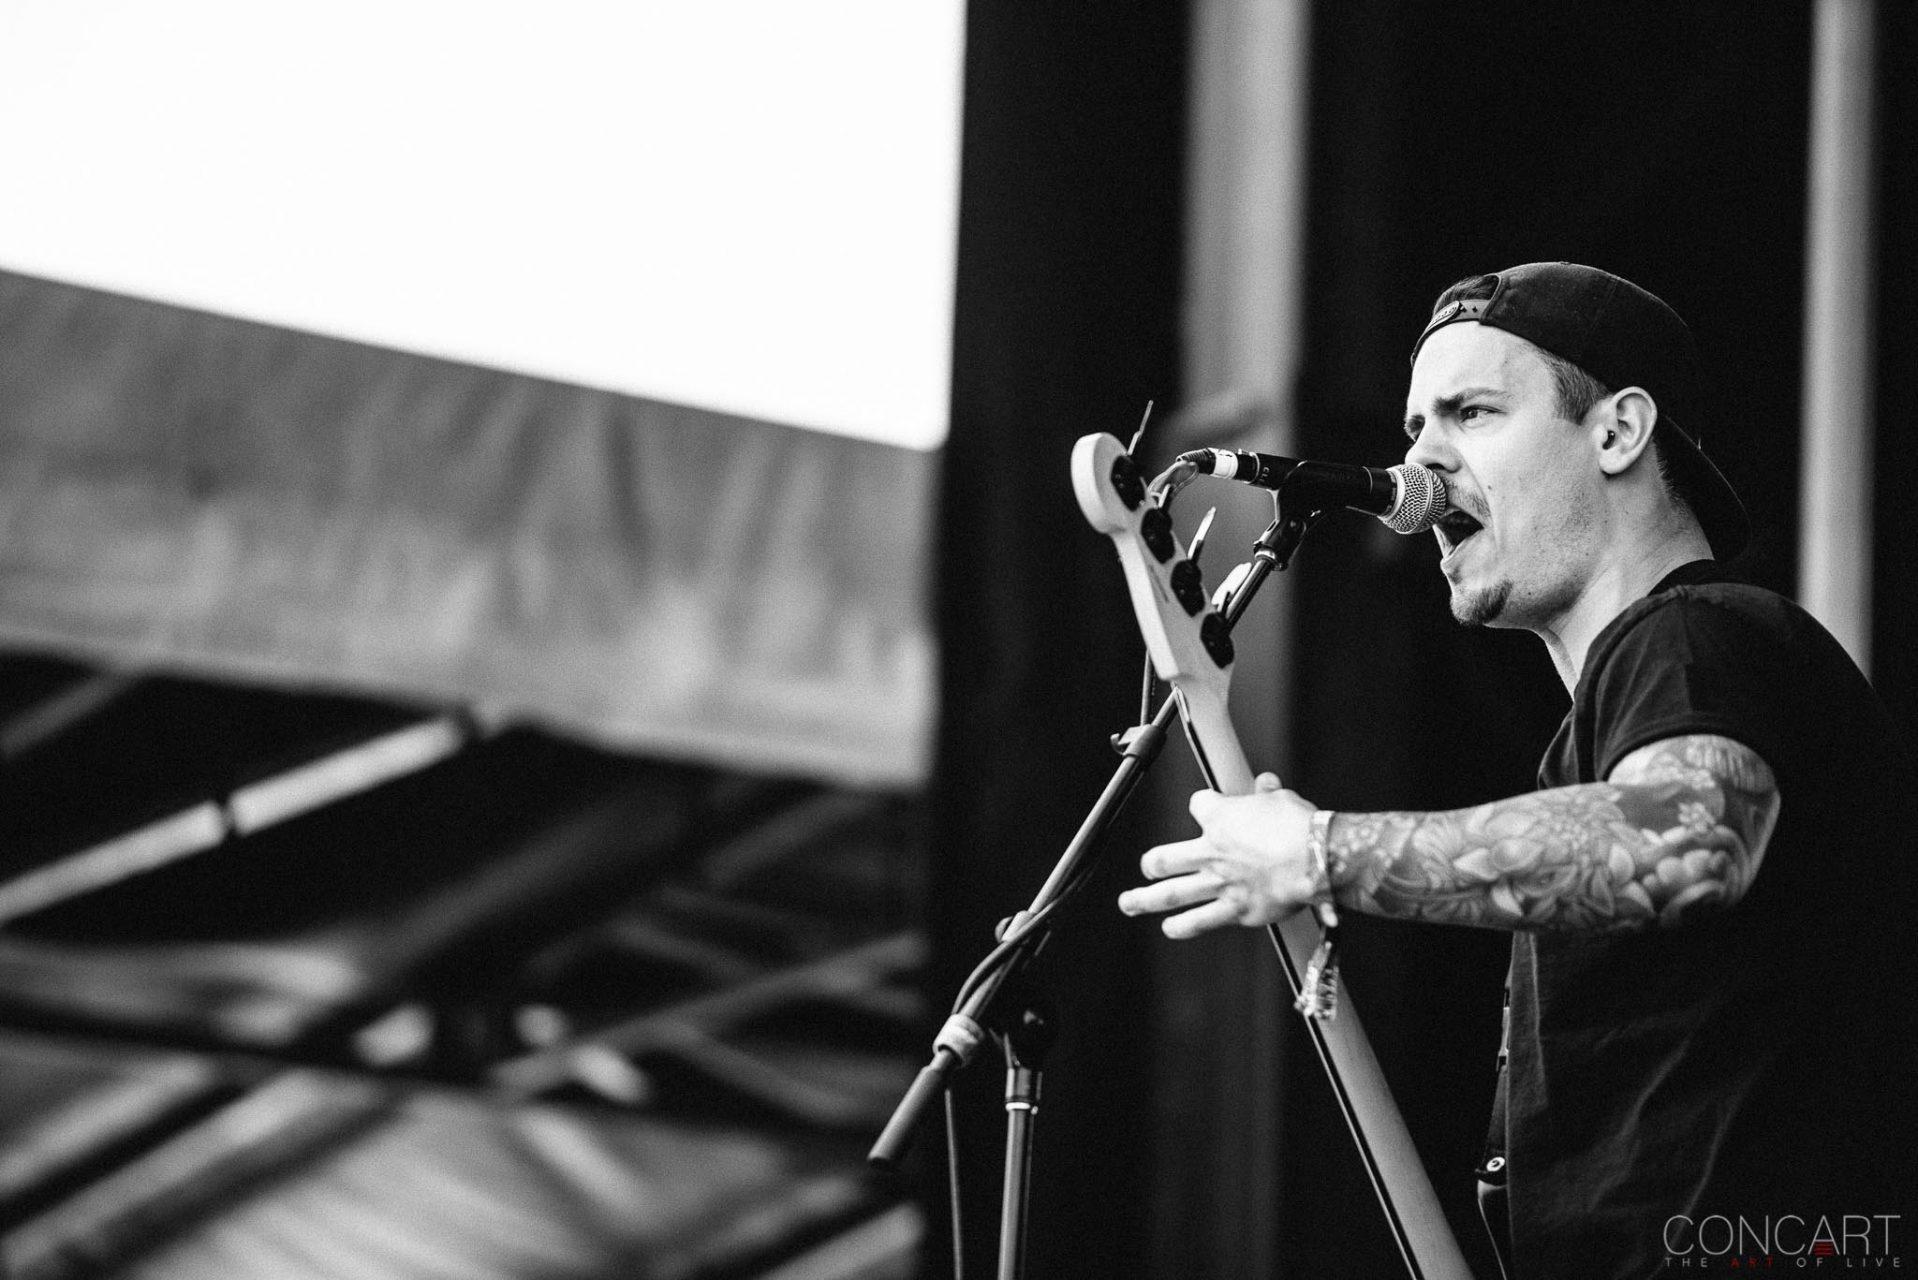 concert photos beartooth chicago open air 2016 conc